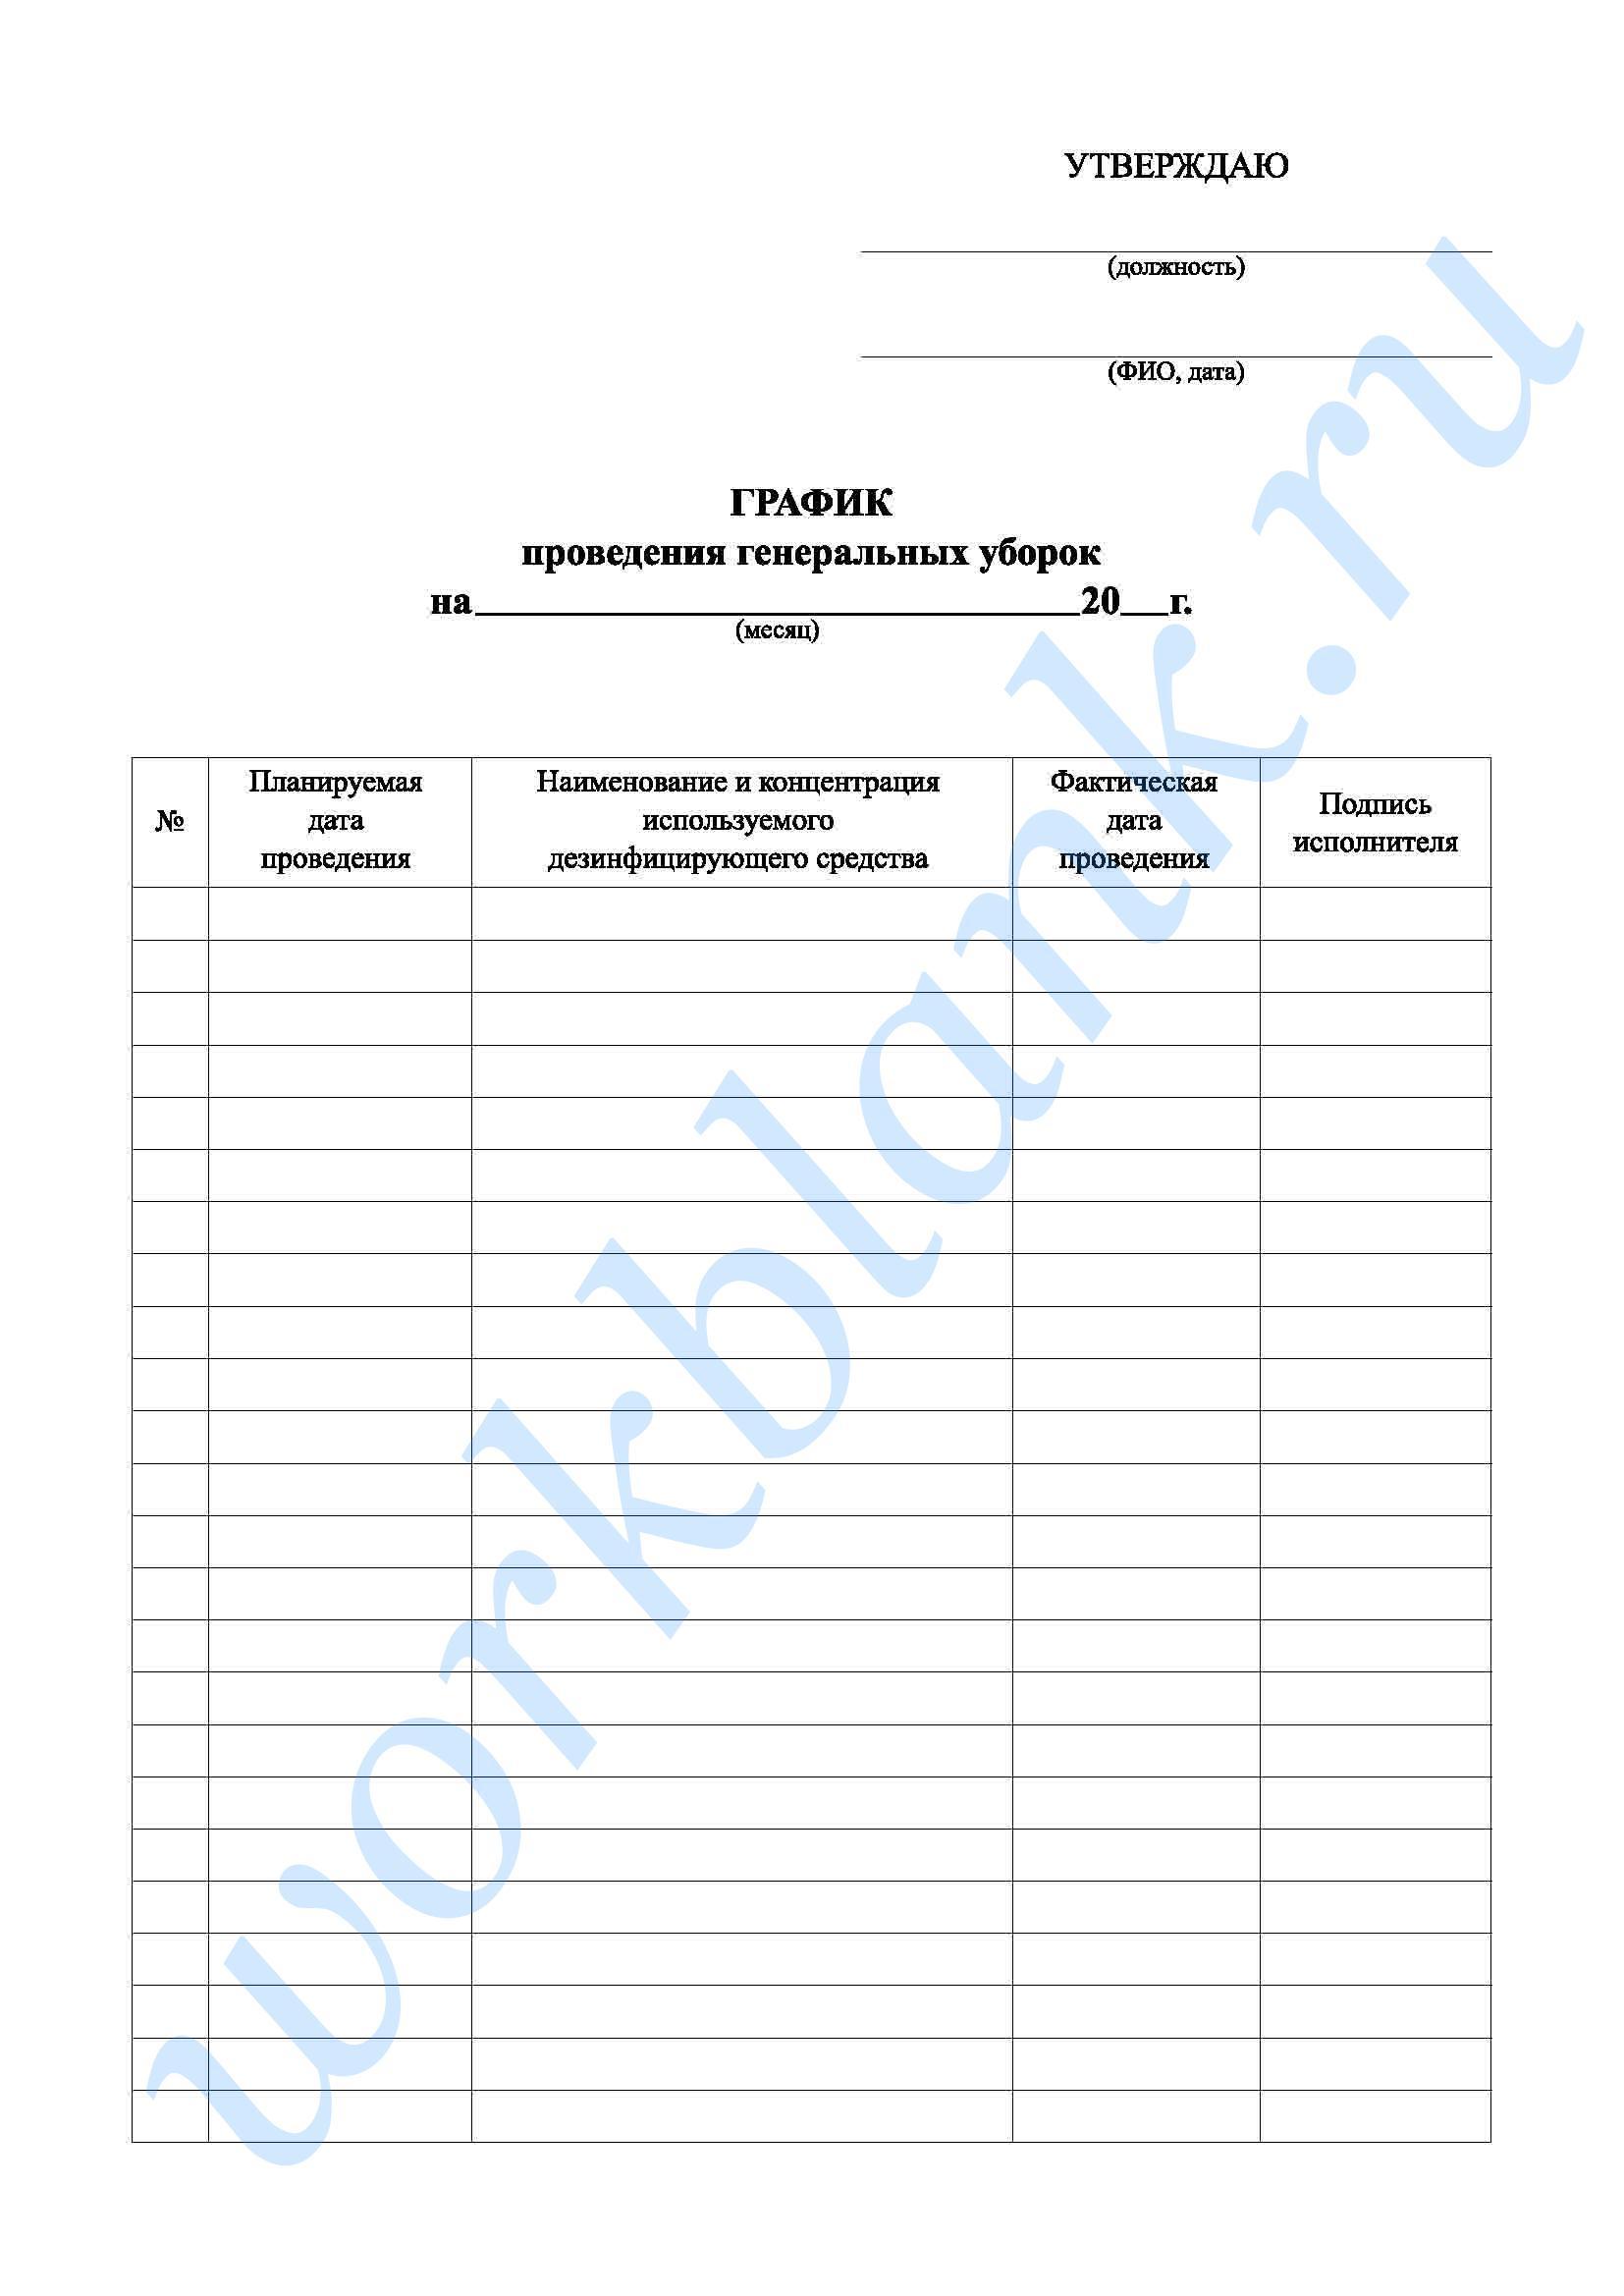 Инструкция по проведению генеральных уборках